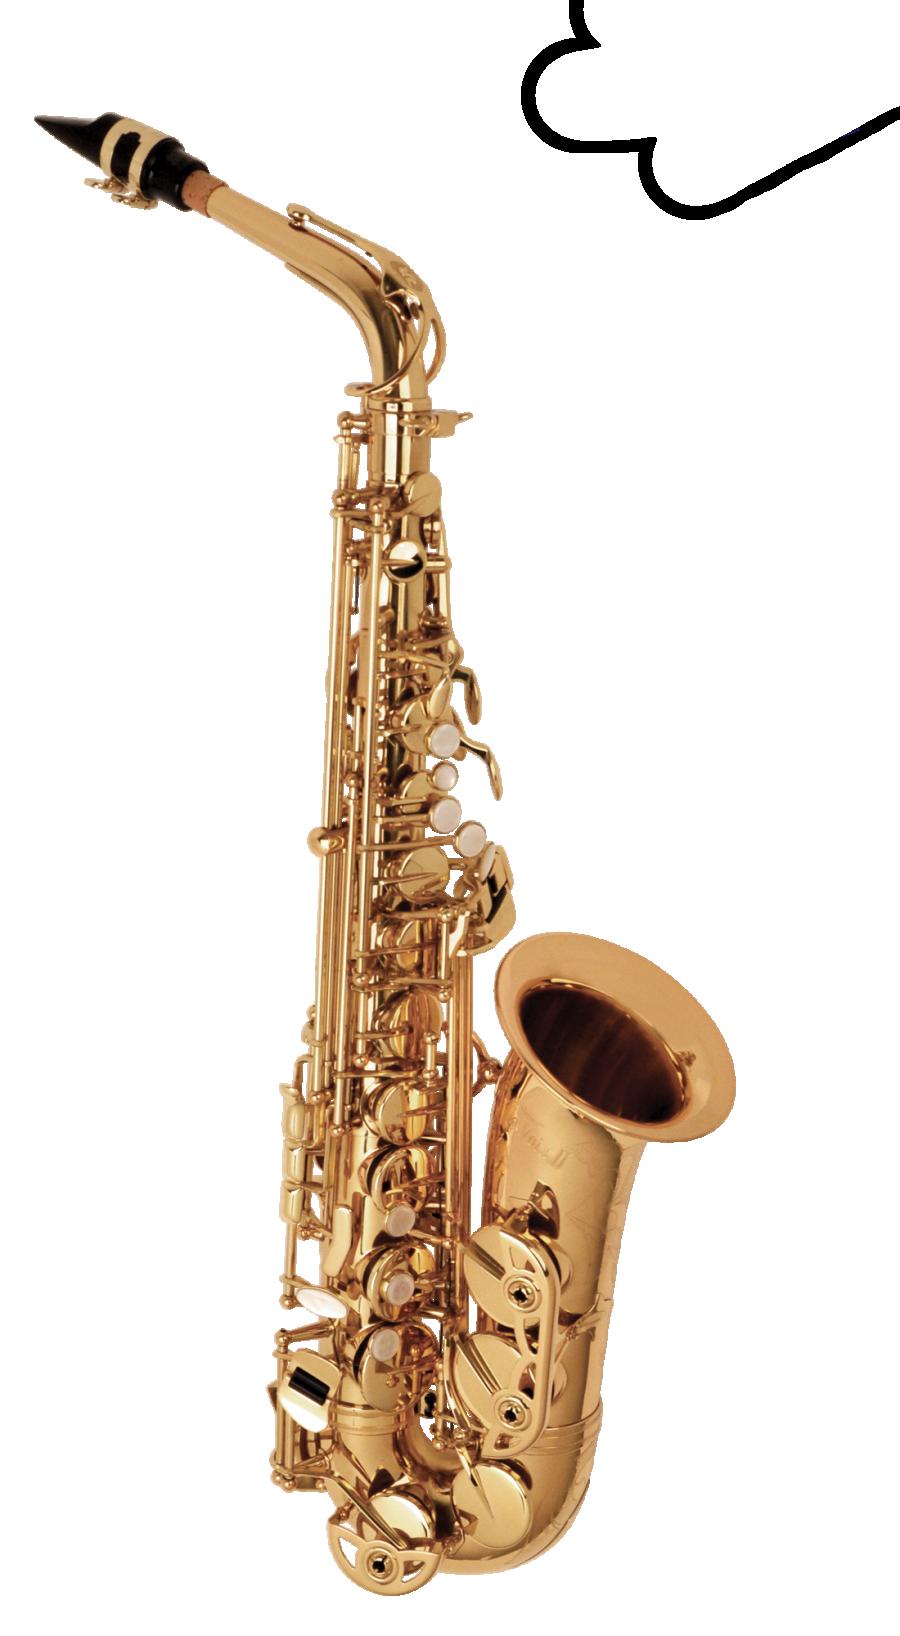 LaVoix Alto Saxophone